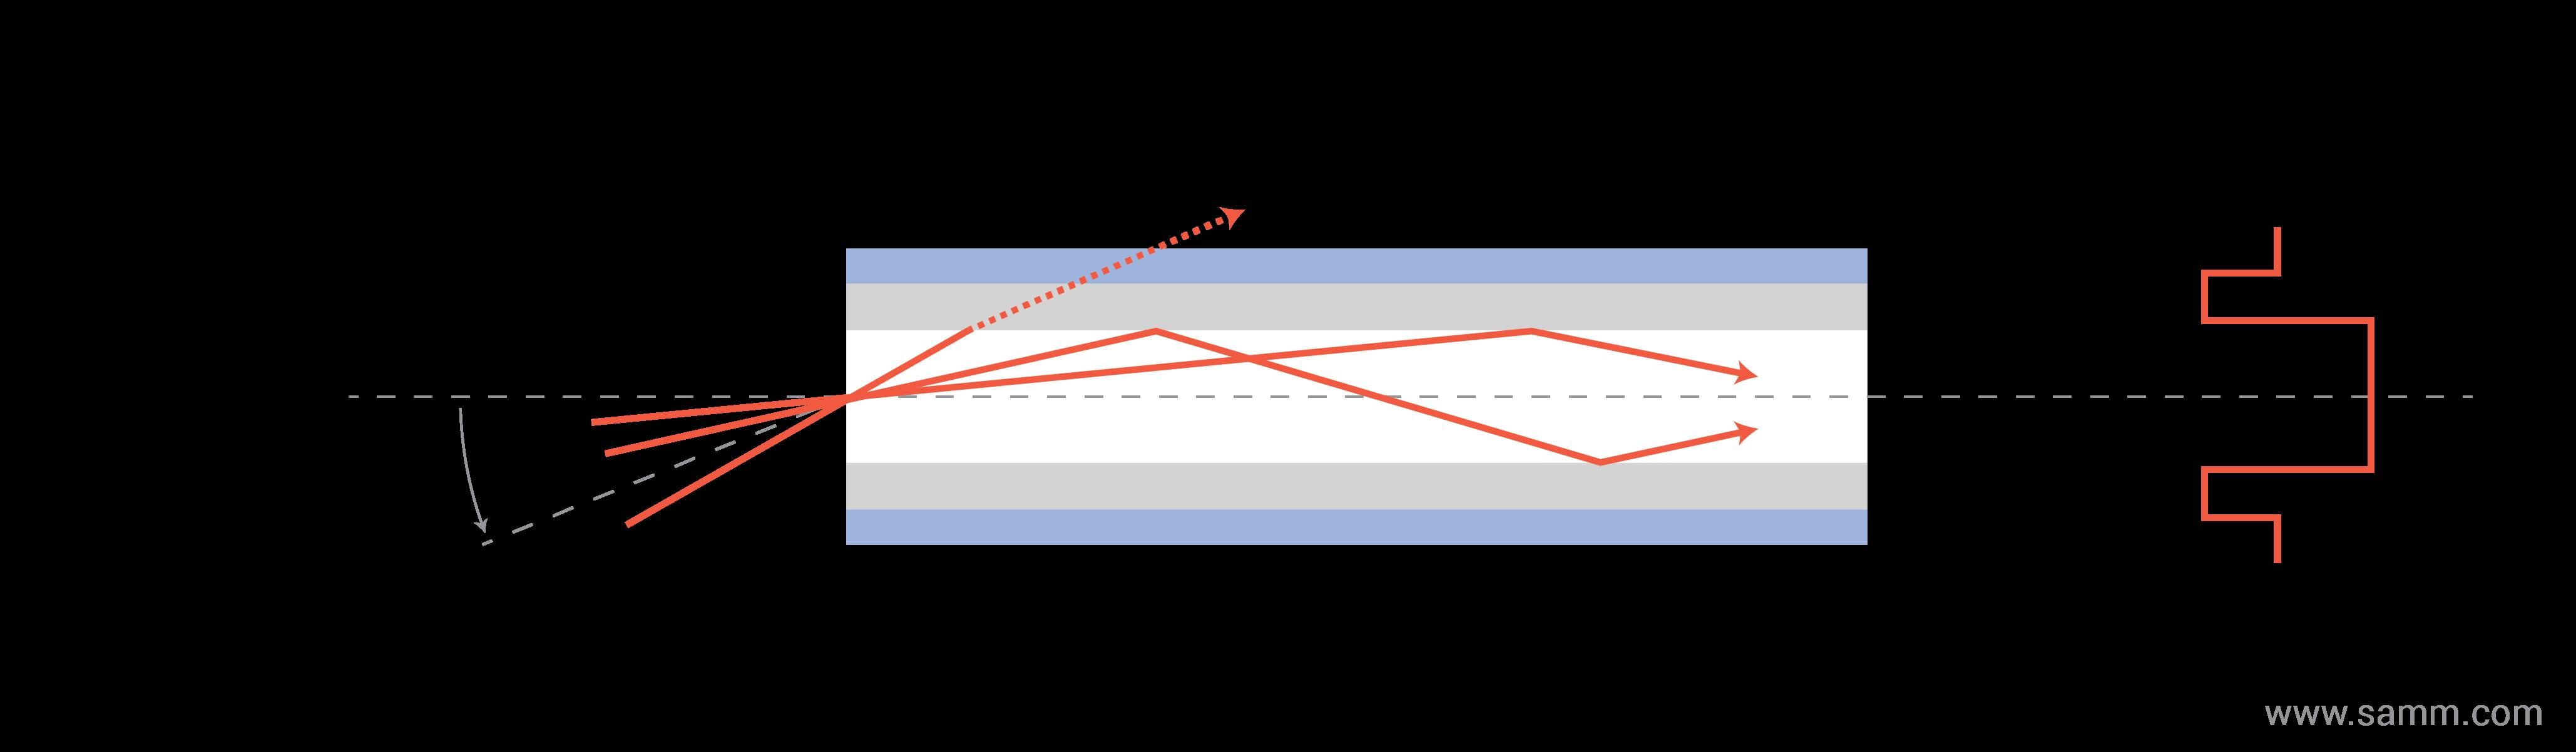 optik-fiber-tipleri-sinyal- Çok Modlu kademe-indisi